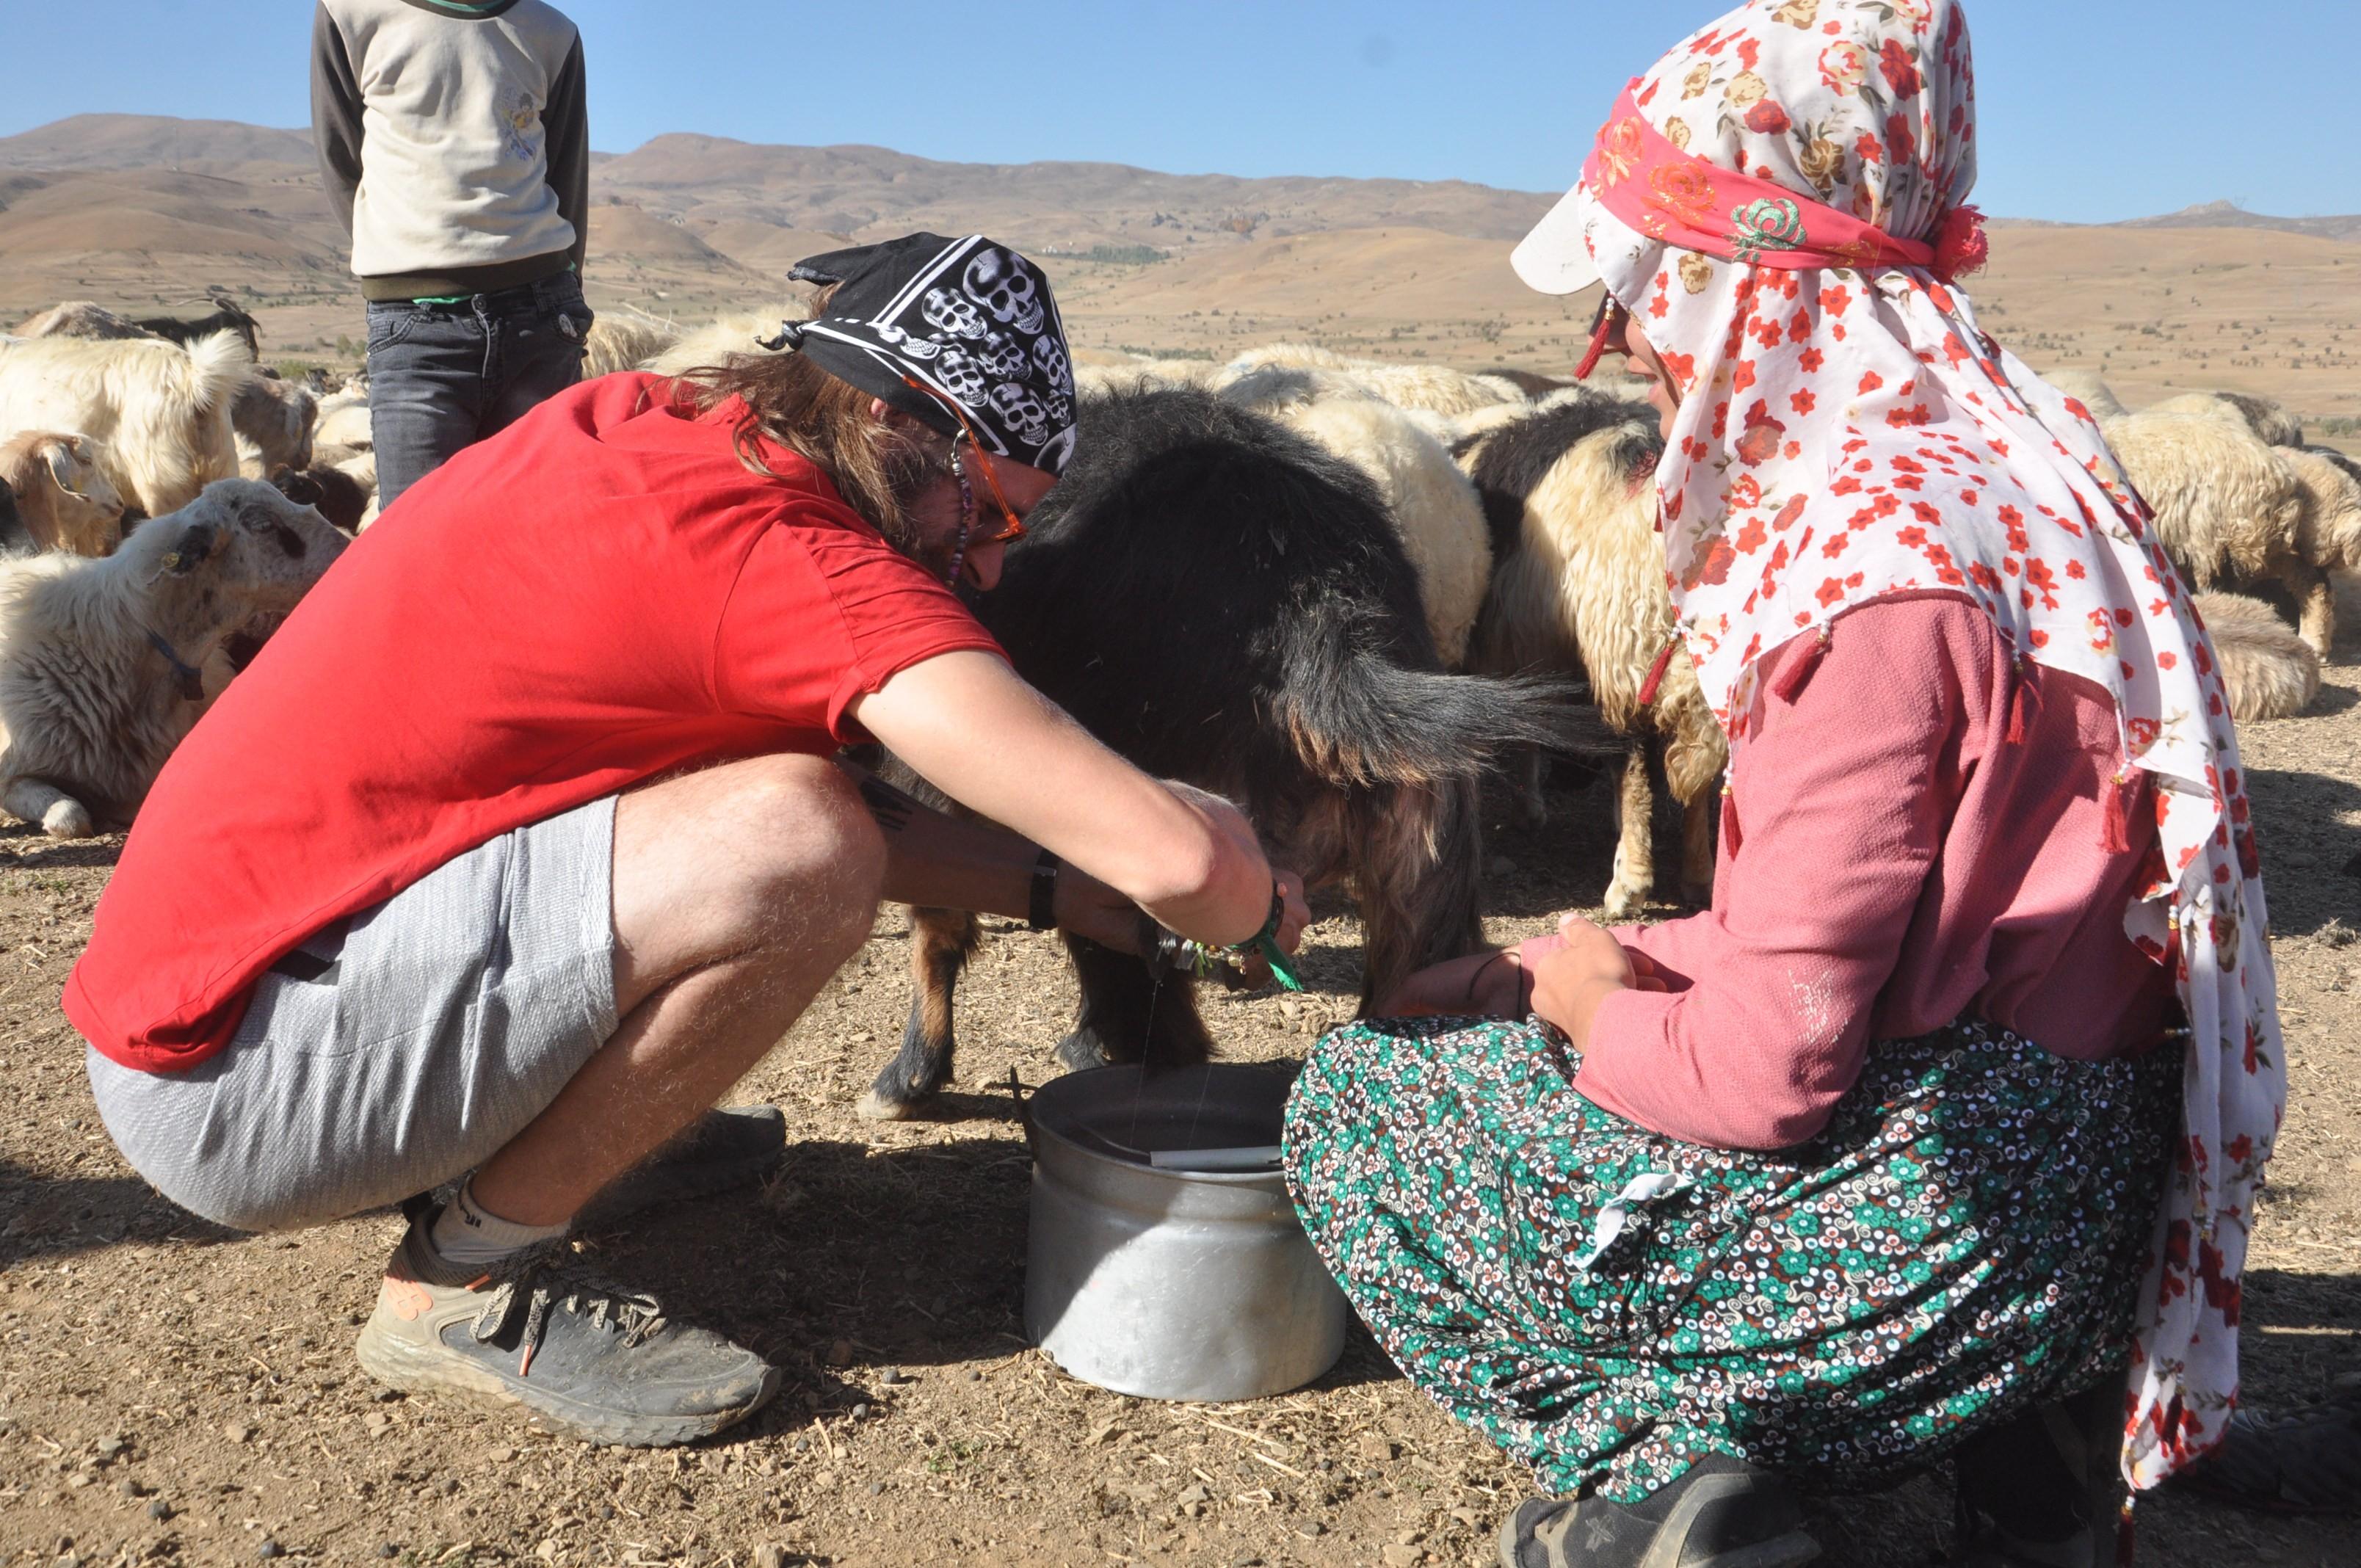 Yüksekova'ya hayran kalan İtalyan, koyun sağmayı öğrendi